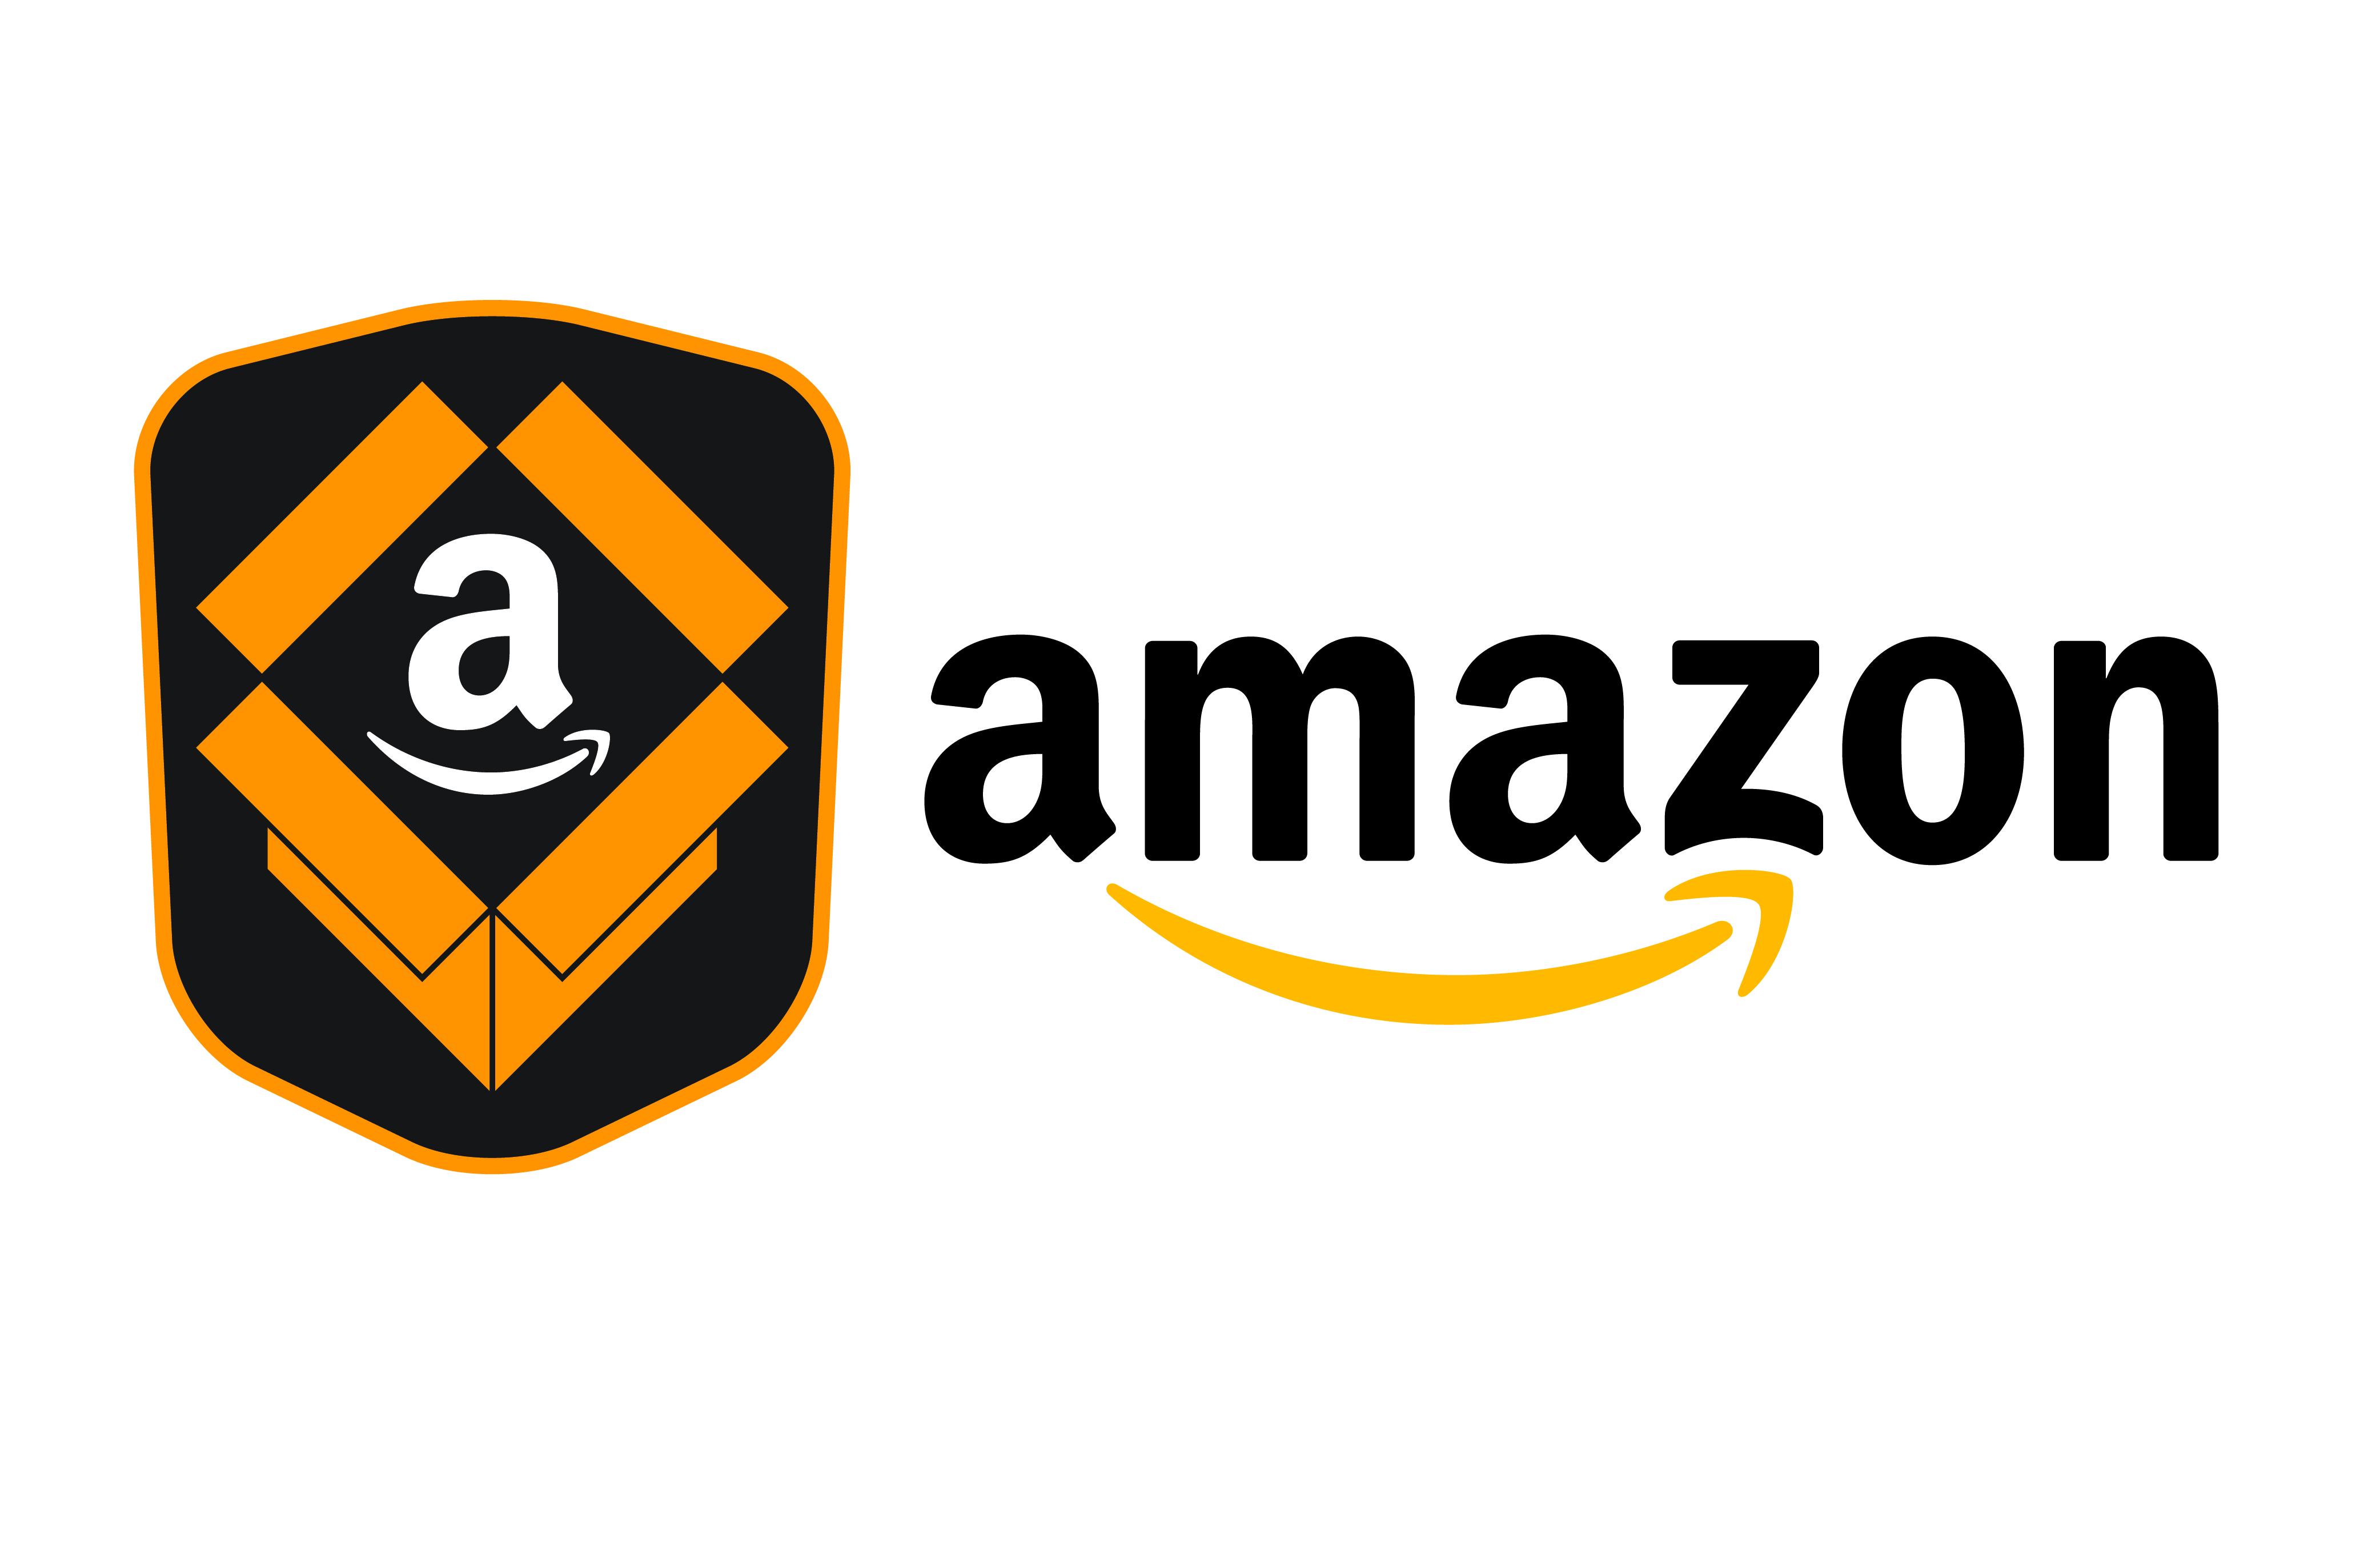 Amazon 's